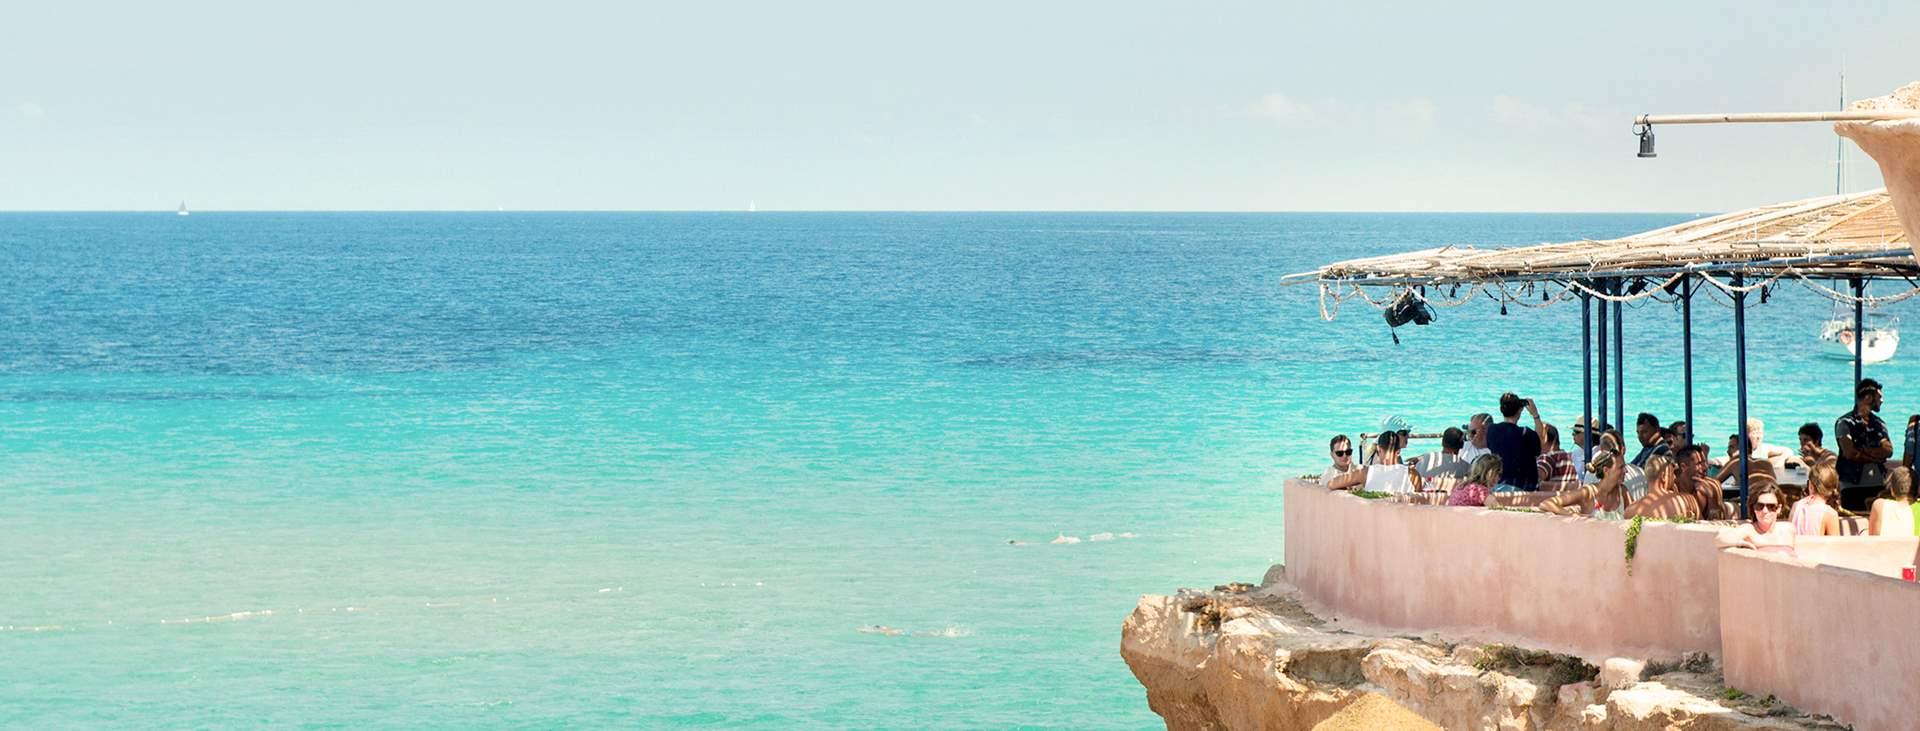 Bestill en reise til Ibiza i Spania med Ving